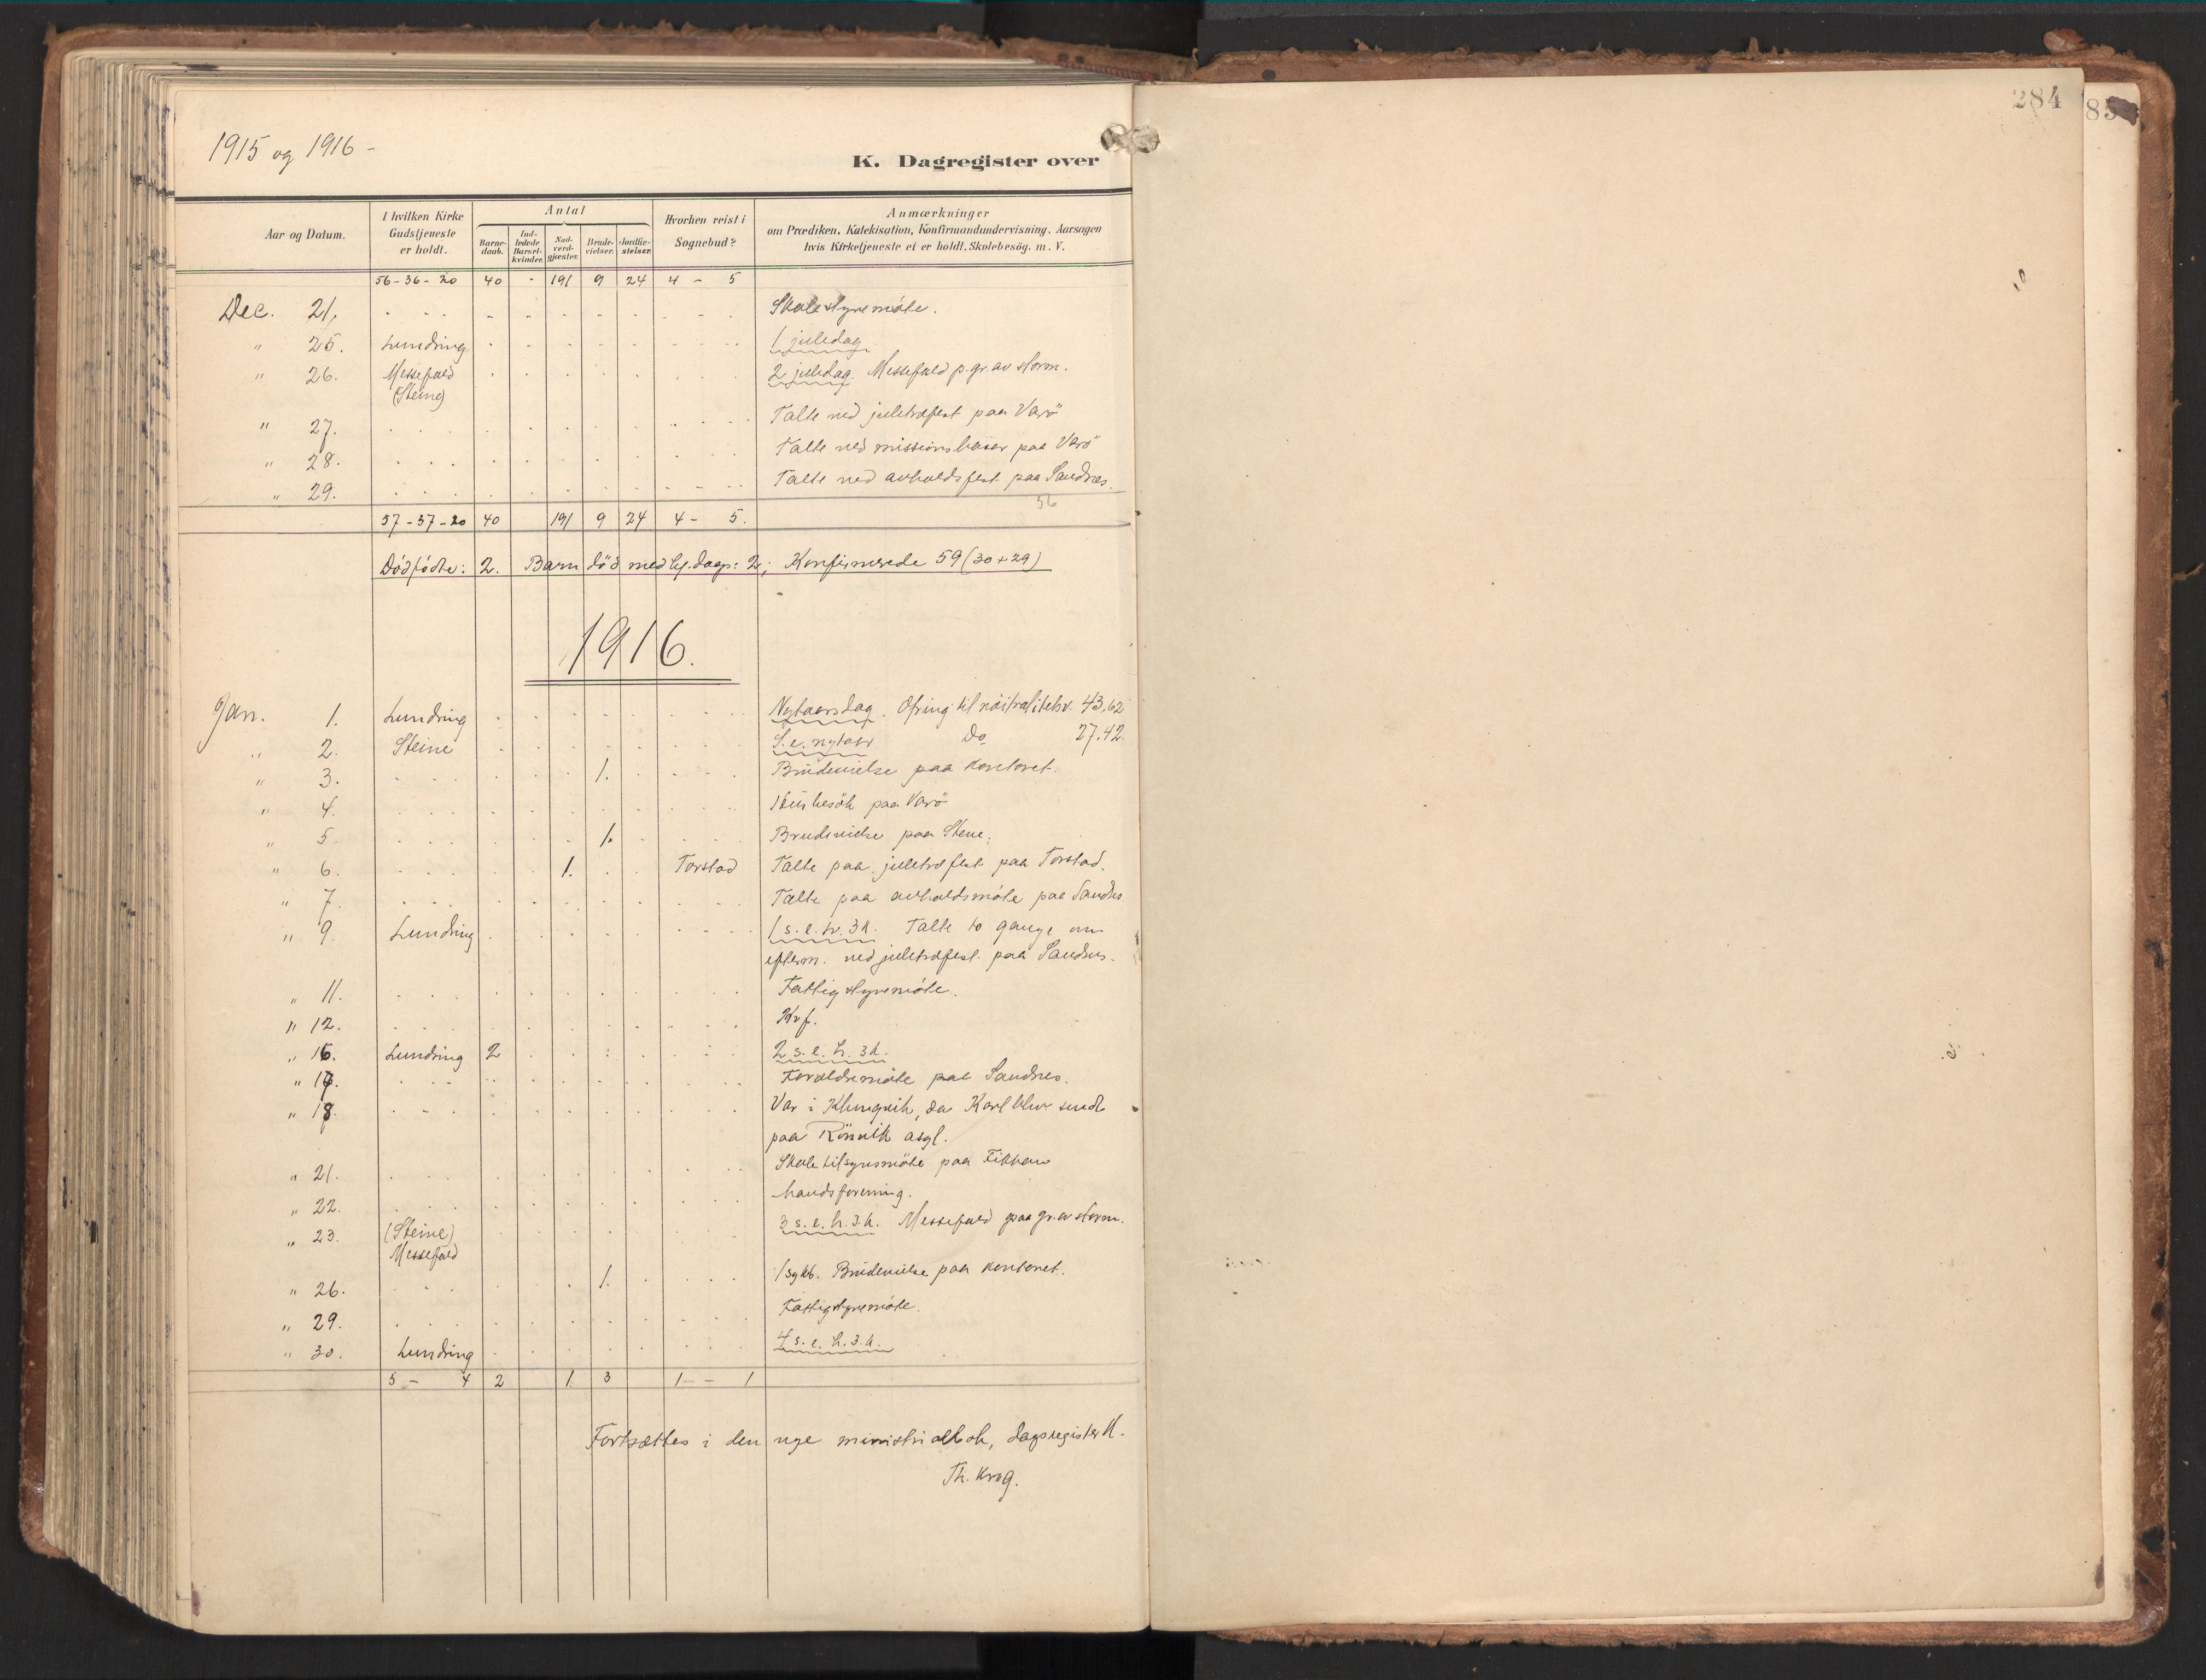 SAT, Ministerialprotokoller, klokkerbøker og fødselsregistre - Nord-Trøndelag, 784/L0677: Ministerialbok nr. 784A12, 1900-1920, s. 284